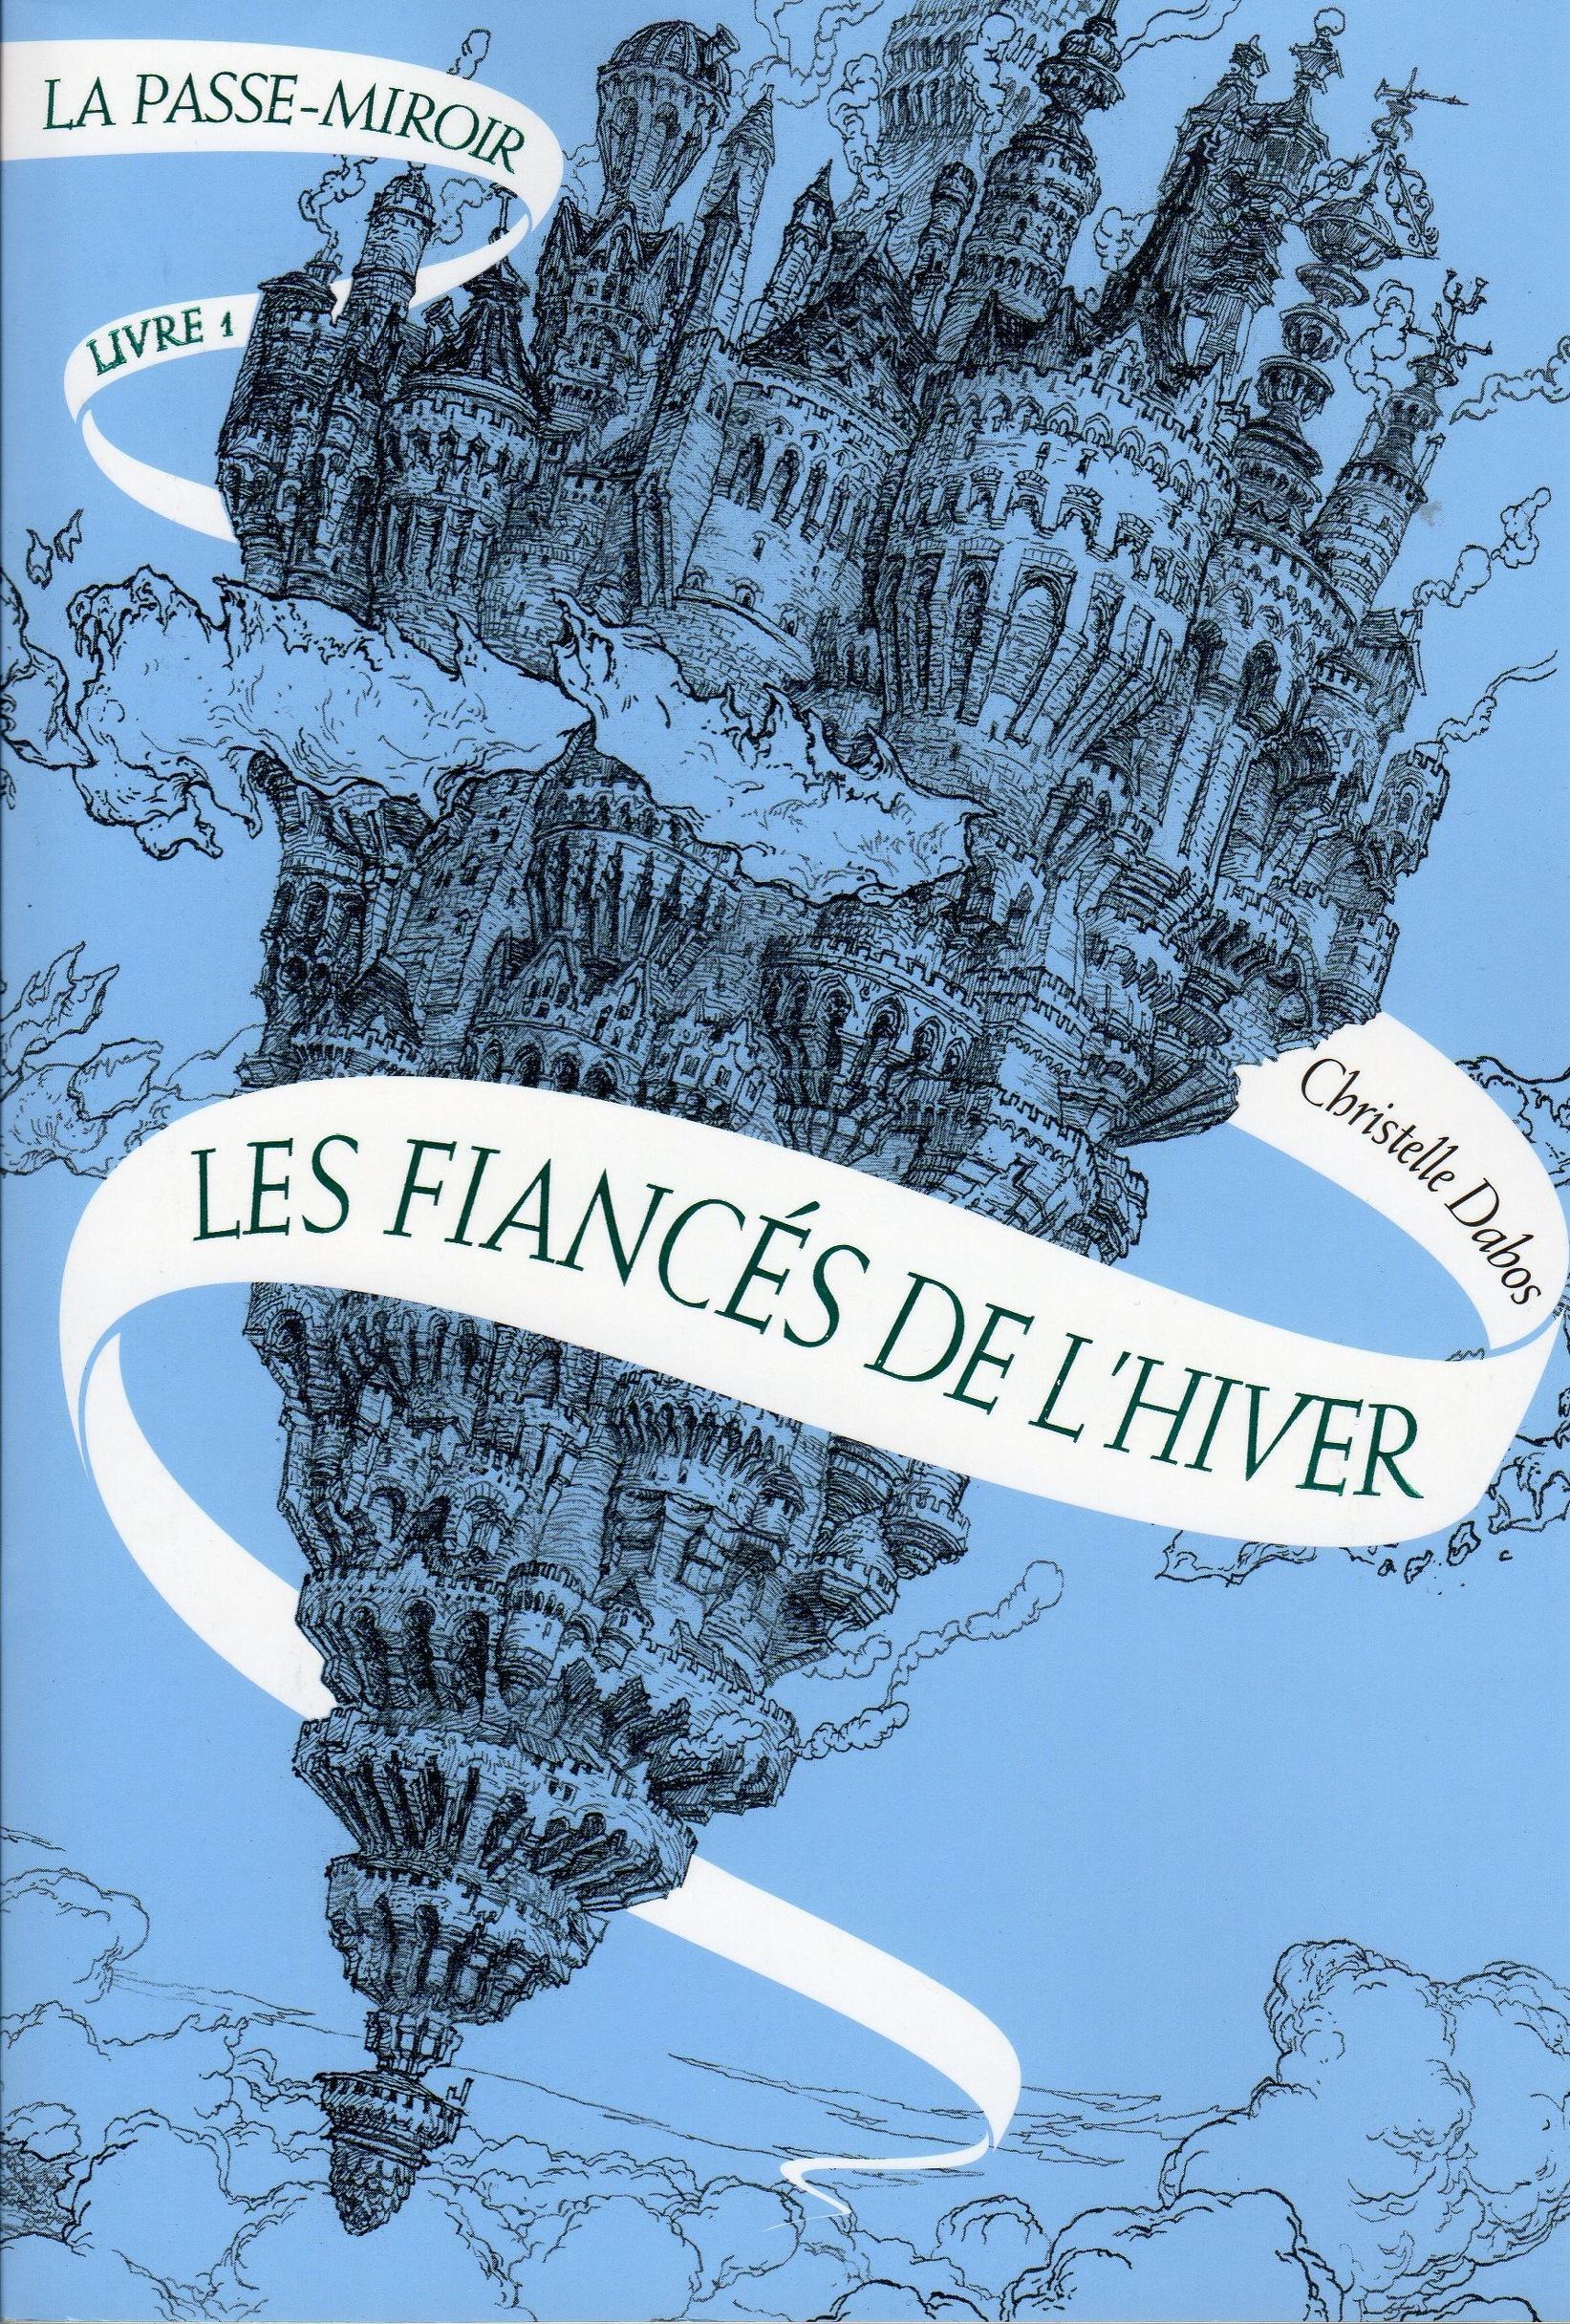 La Passe Miroir tome 1 : Les Fiancés de l'Hiver